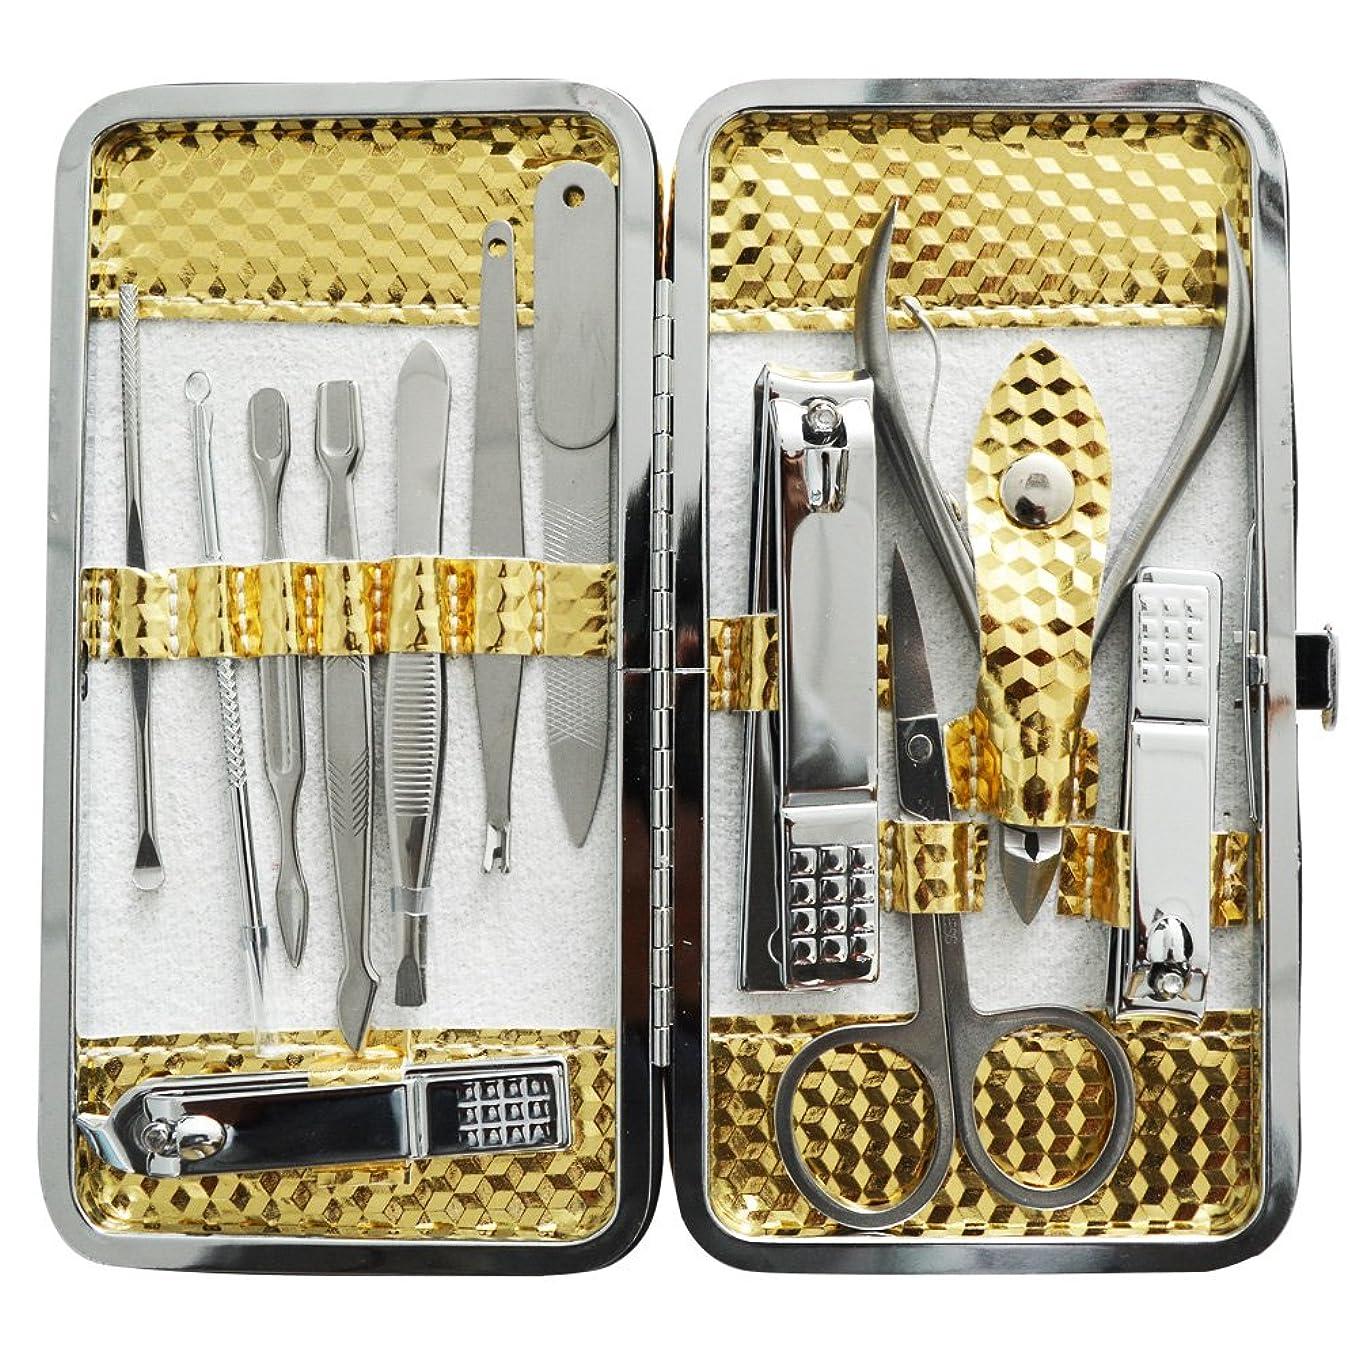 治安判事ボールプレゼン爪切りセット 耳掃除機 12枚はさみ、キューティクルをトリマー、耳かき、ナイフ